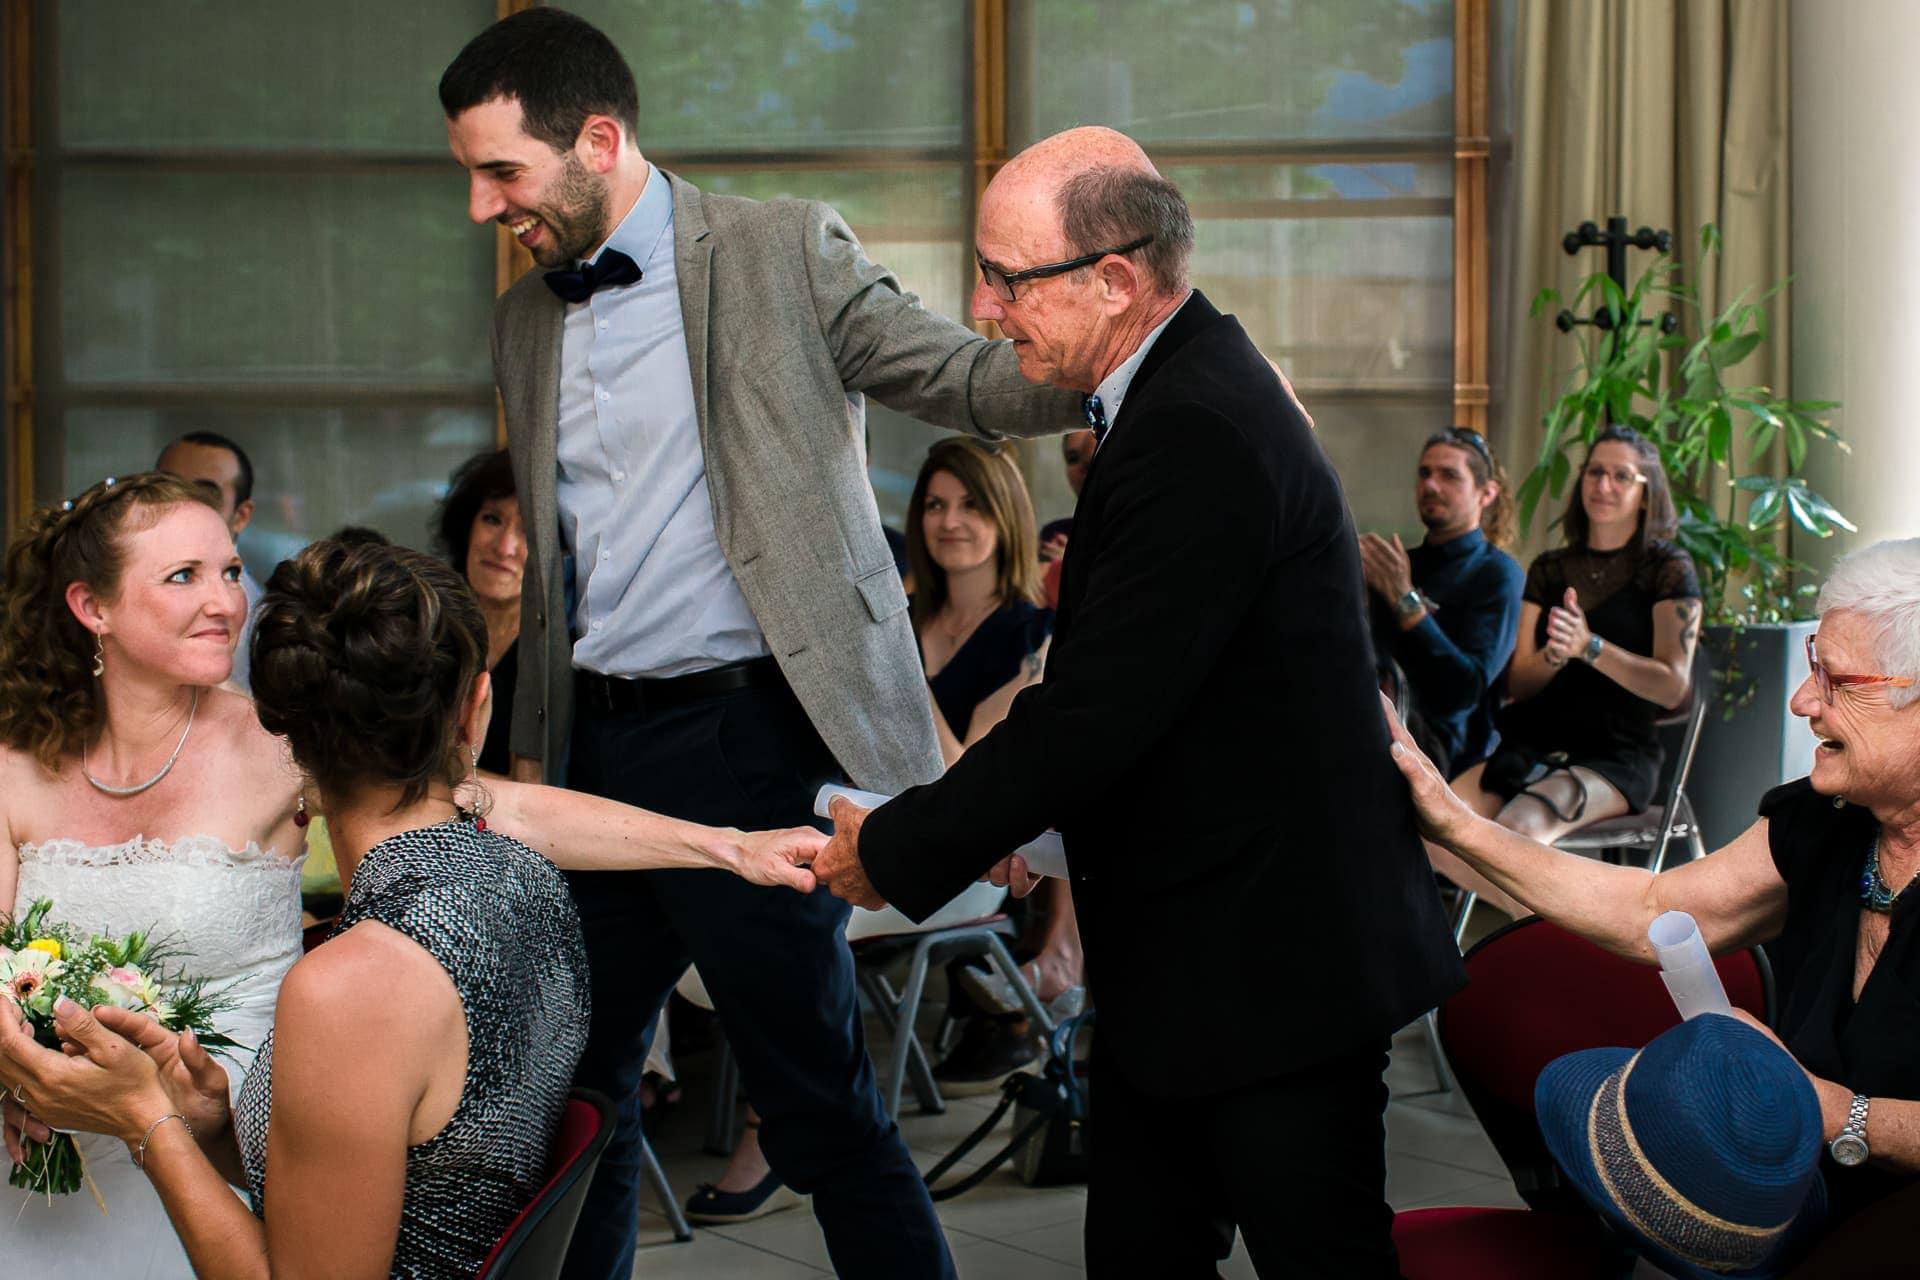 photos d'échanges de regards pendant le mariage à la mairie. Mariage dans le Vercors.Ernestine et sa famille photographe de mariage à l'approche reportage